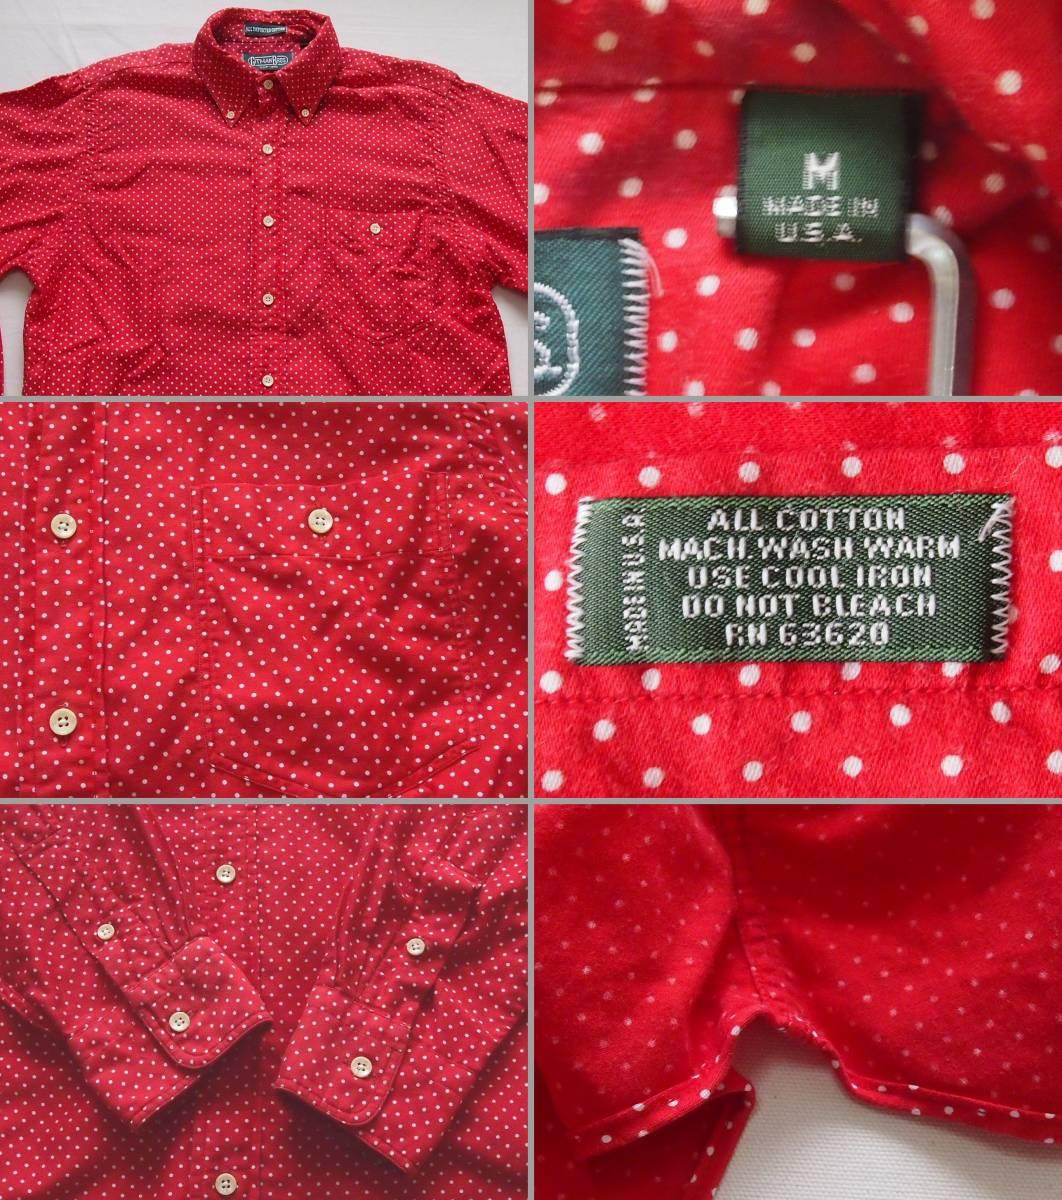 ビンテージ 90's U.S.A製【GITMAN BROS】ギットマン ブロードコットン ボタンダウンシャツ◇ドット水玉柄◇color[Dark Red]size[M]極上美品_画像9